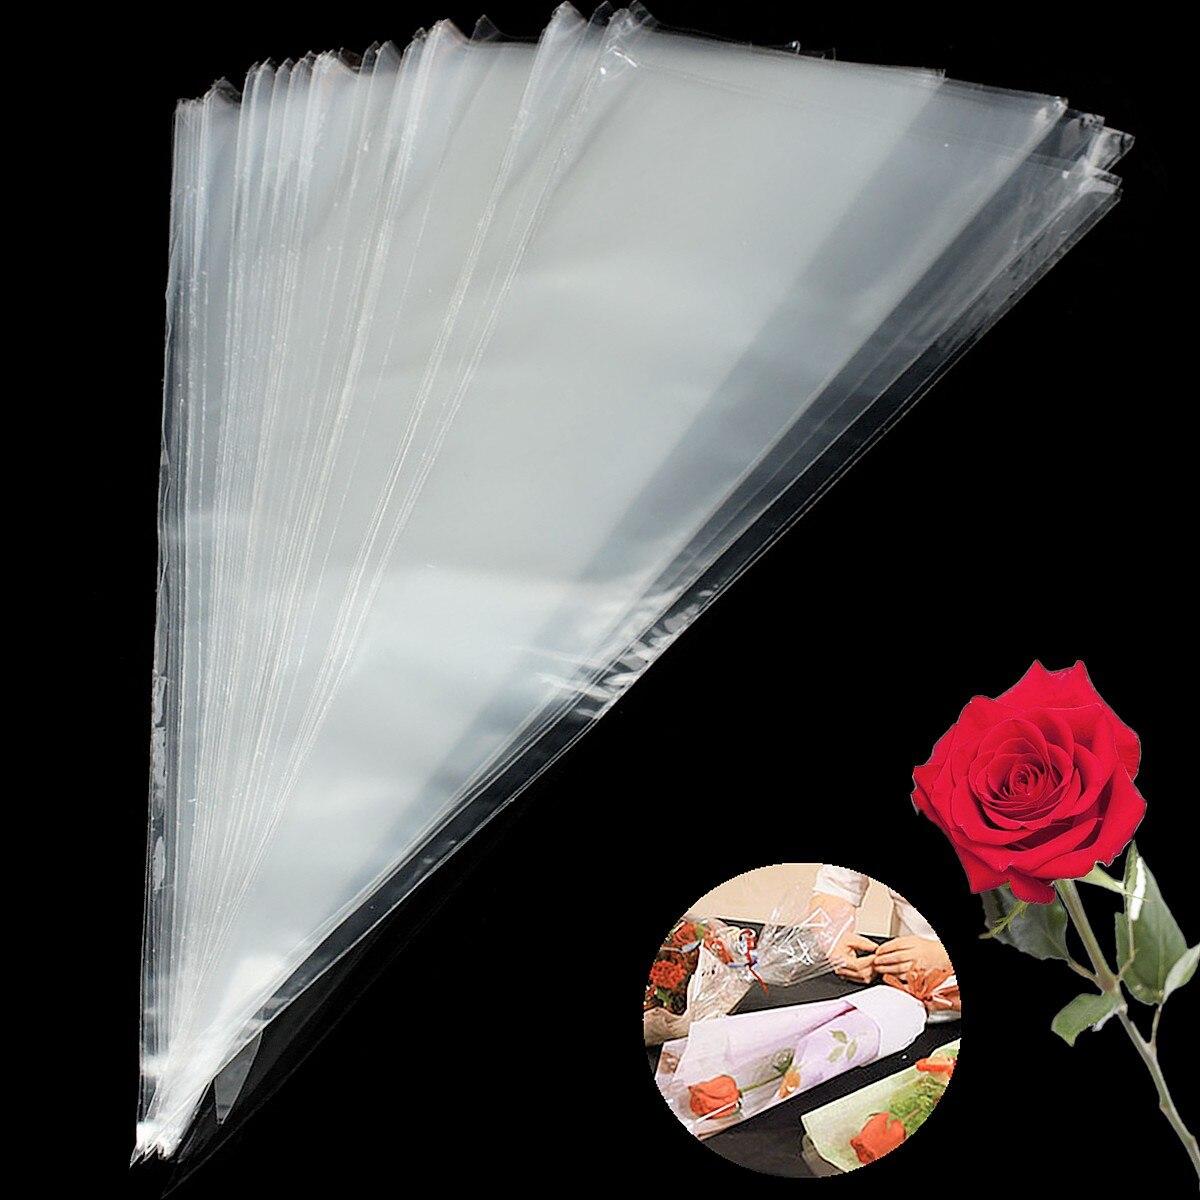 saco de plástico do cone vender por atacado - saco de